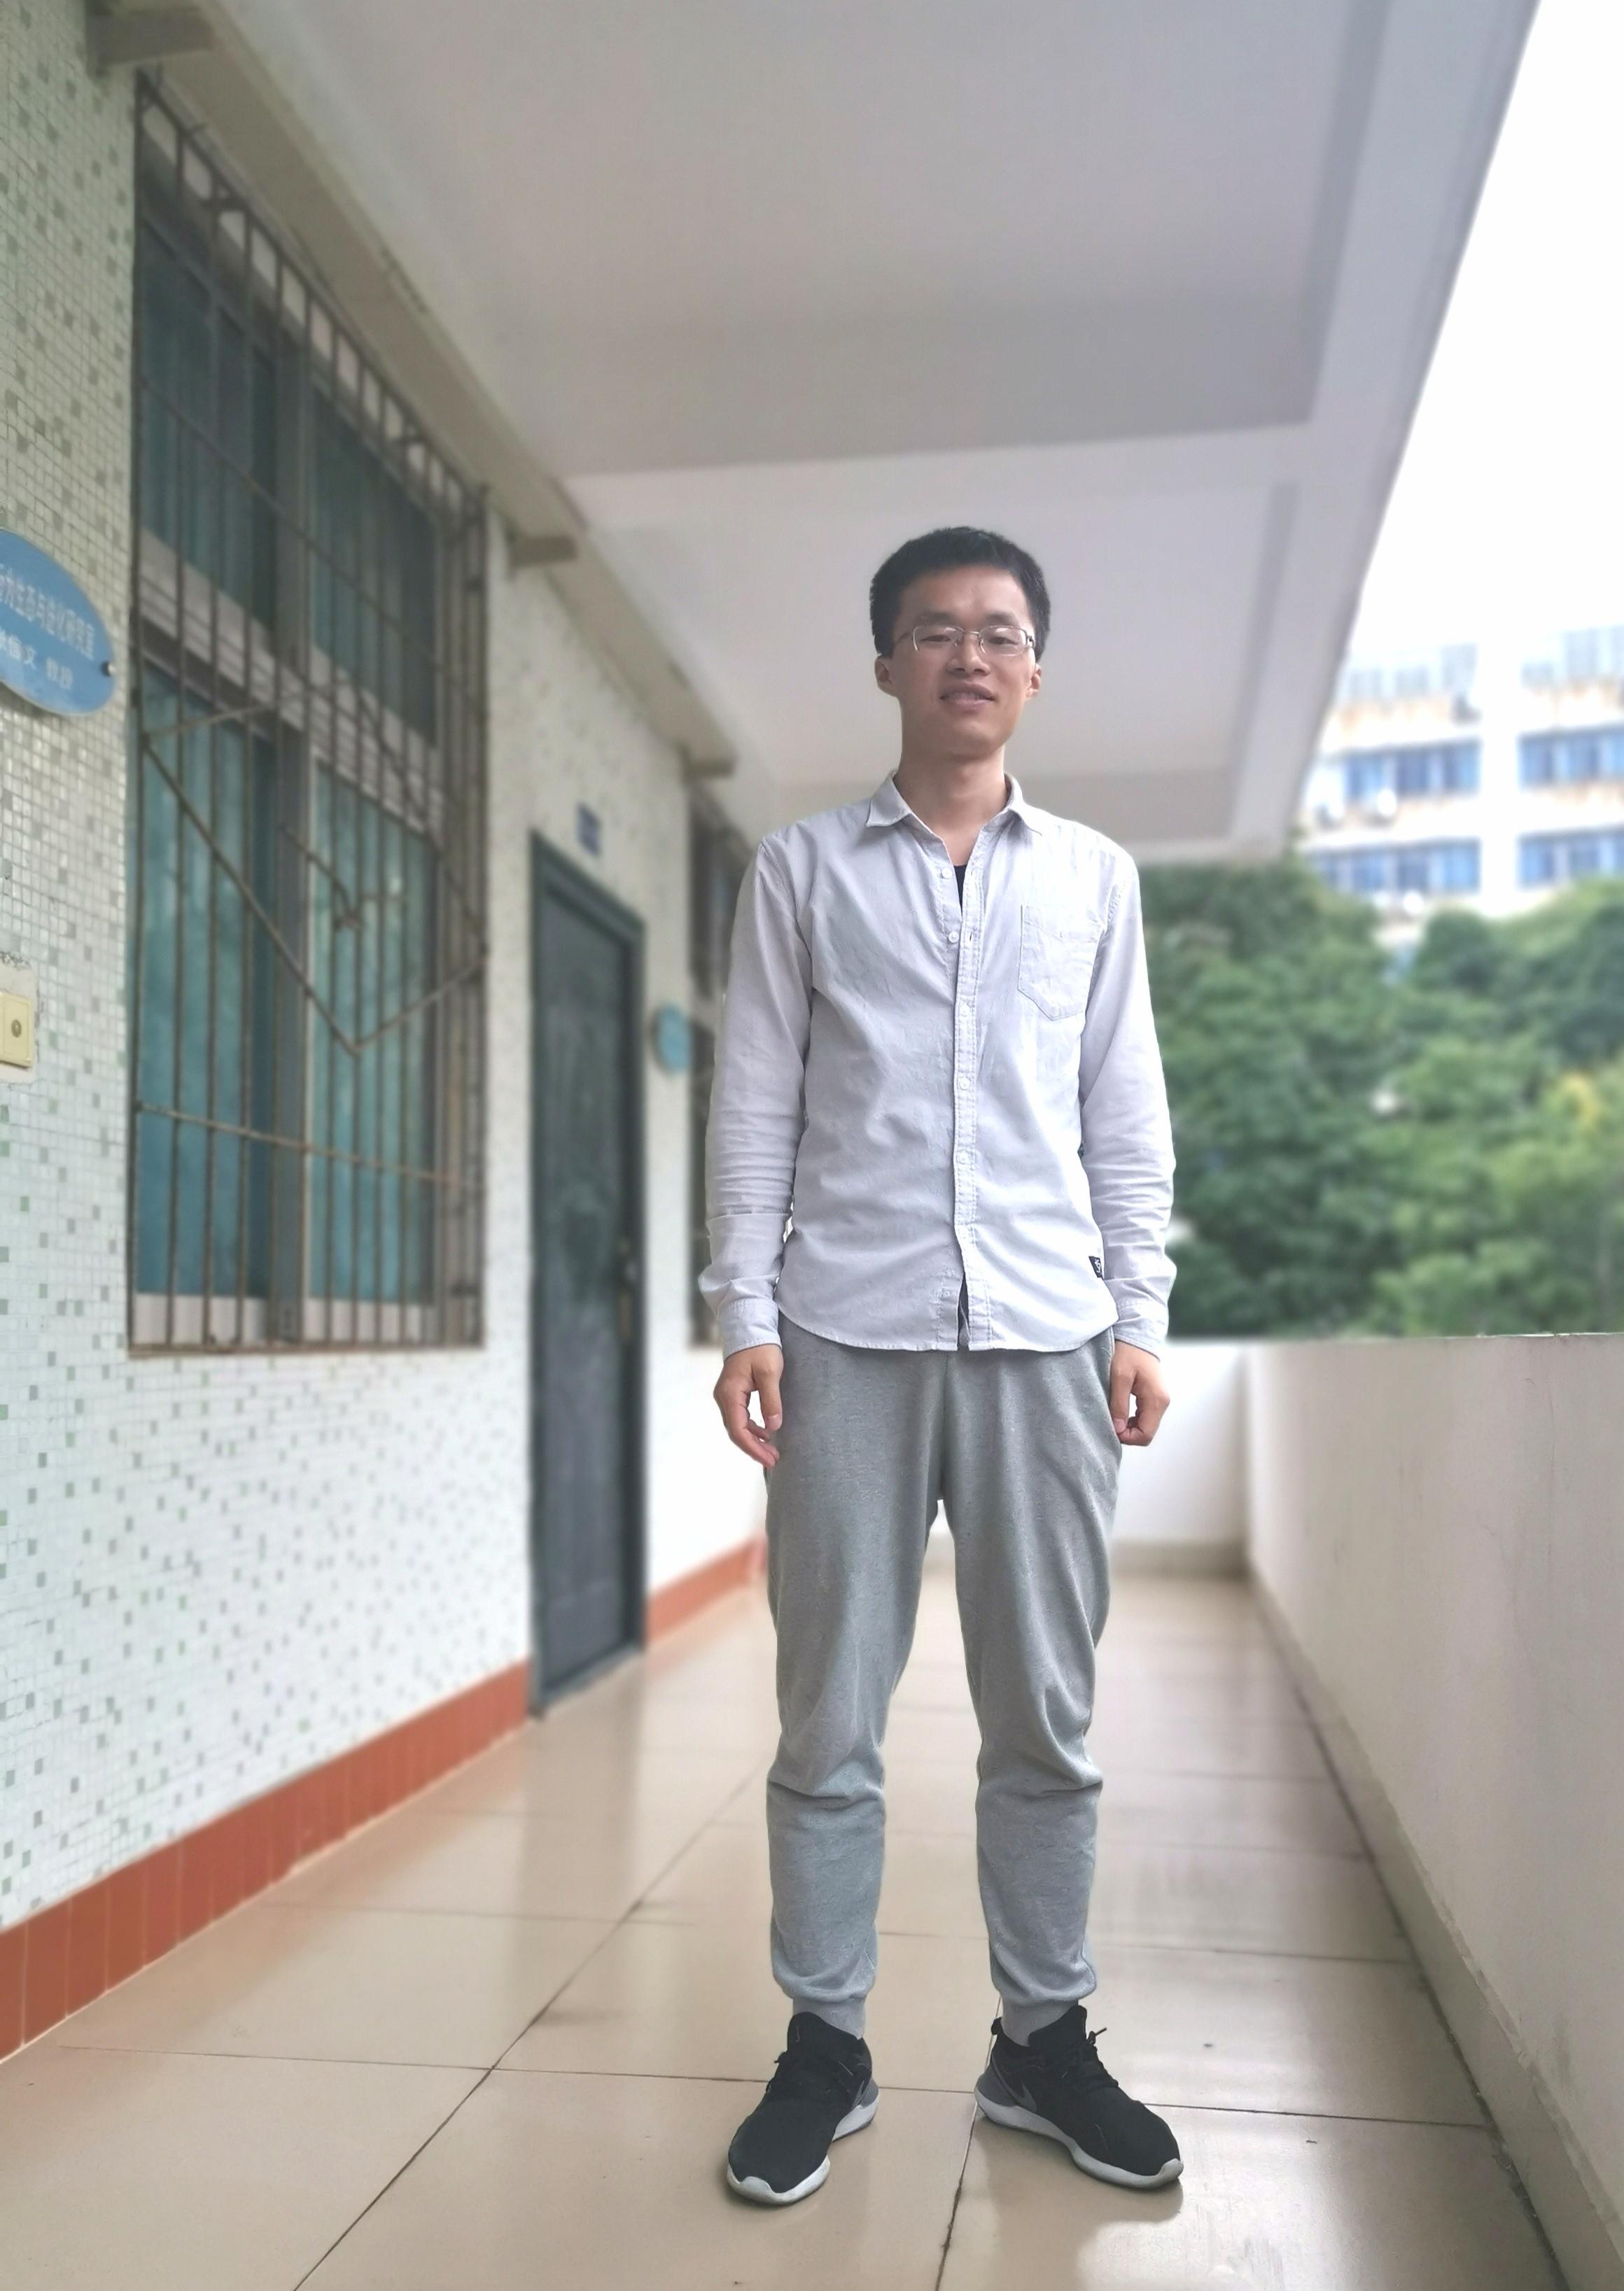 生命科学学院探究生党员王维昊捐出都部国家奖学金两万元